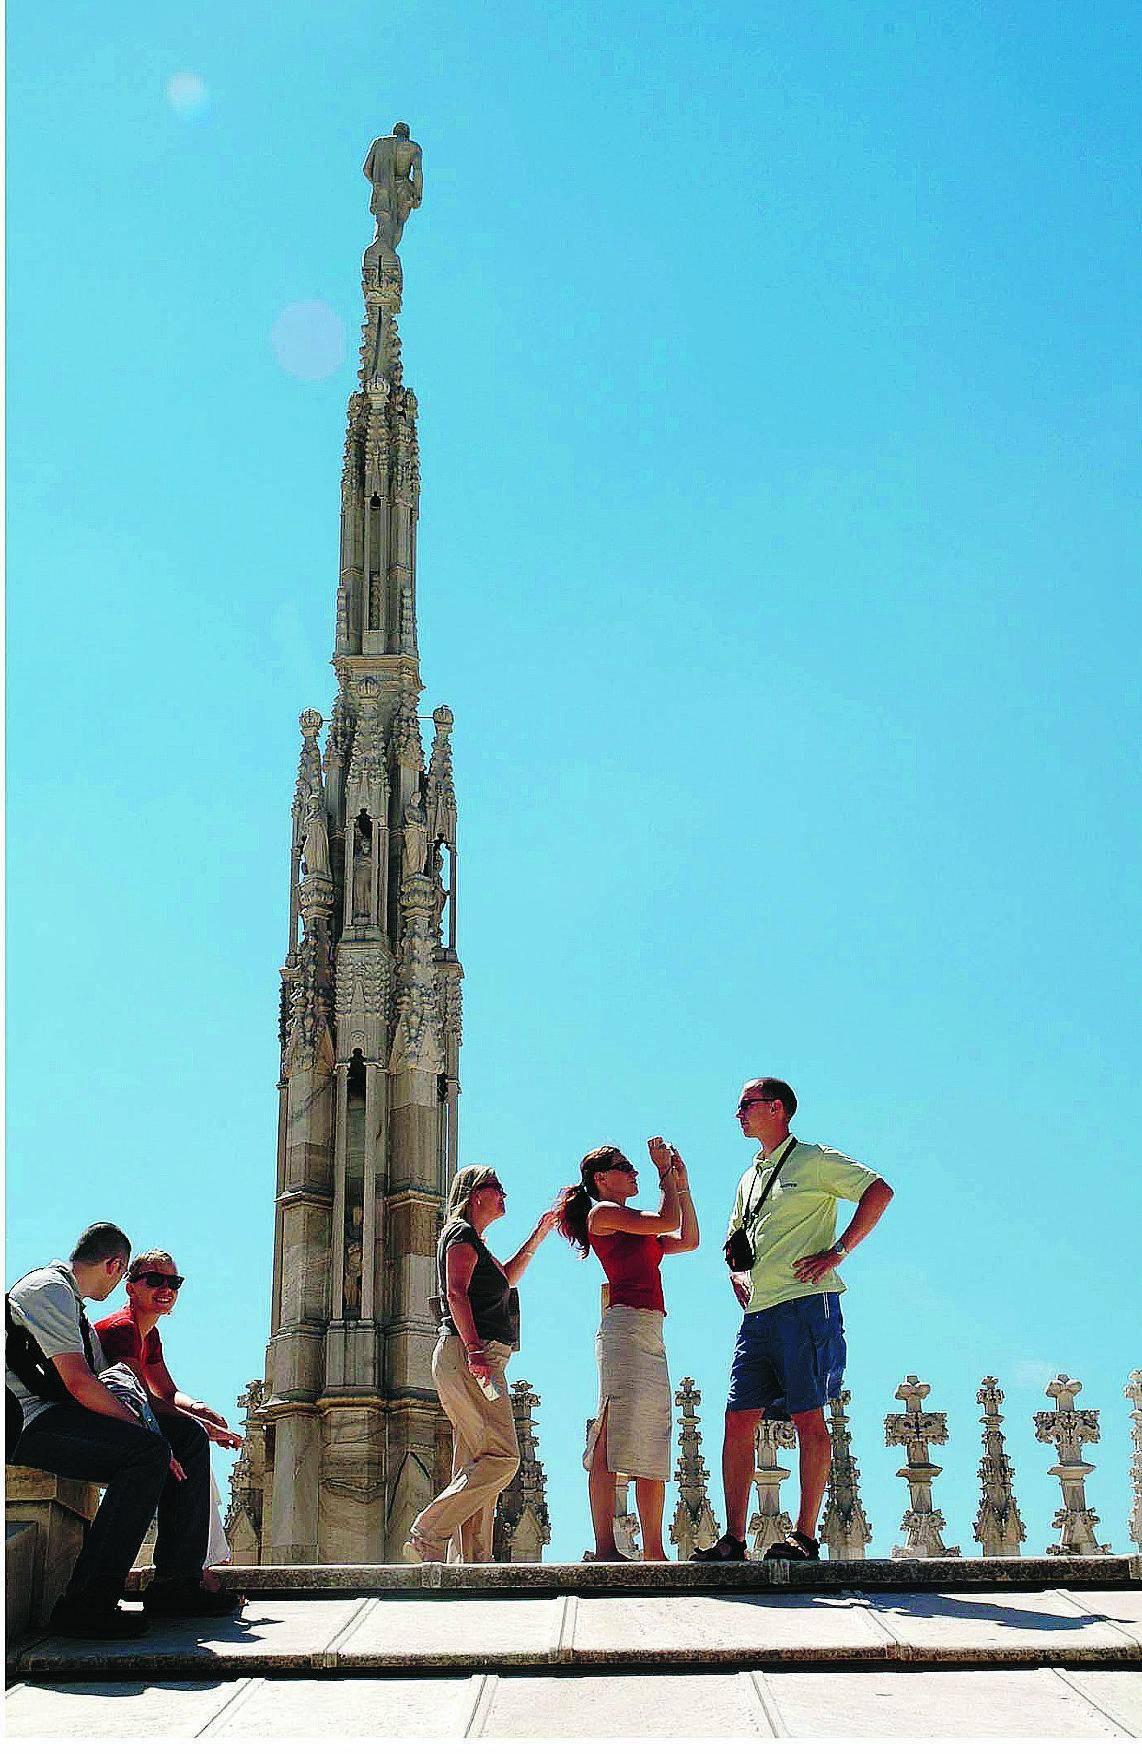 Milanesi, un ponte per fuggire e la città si riempie di turisti